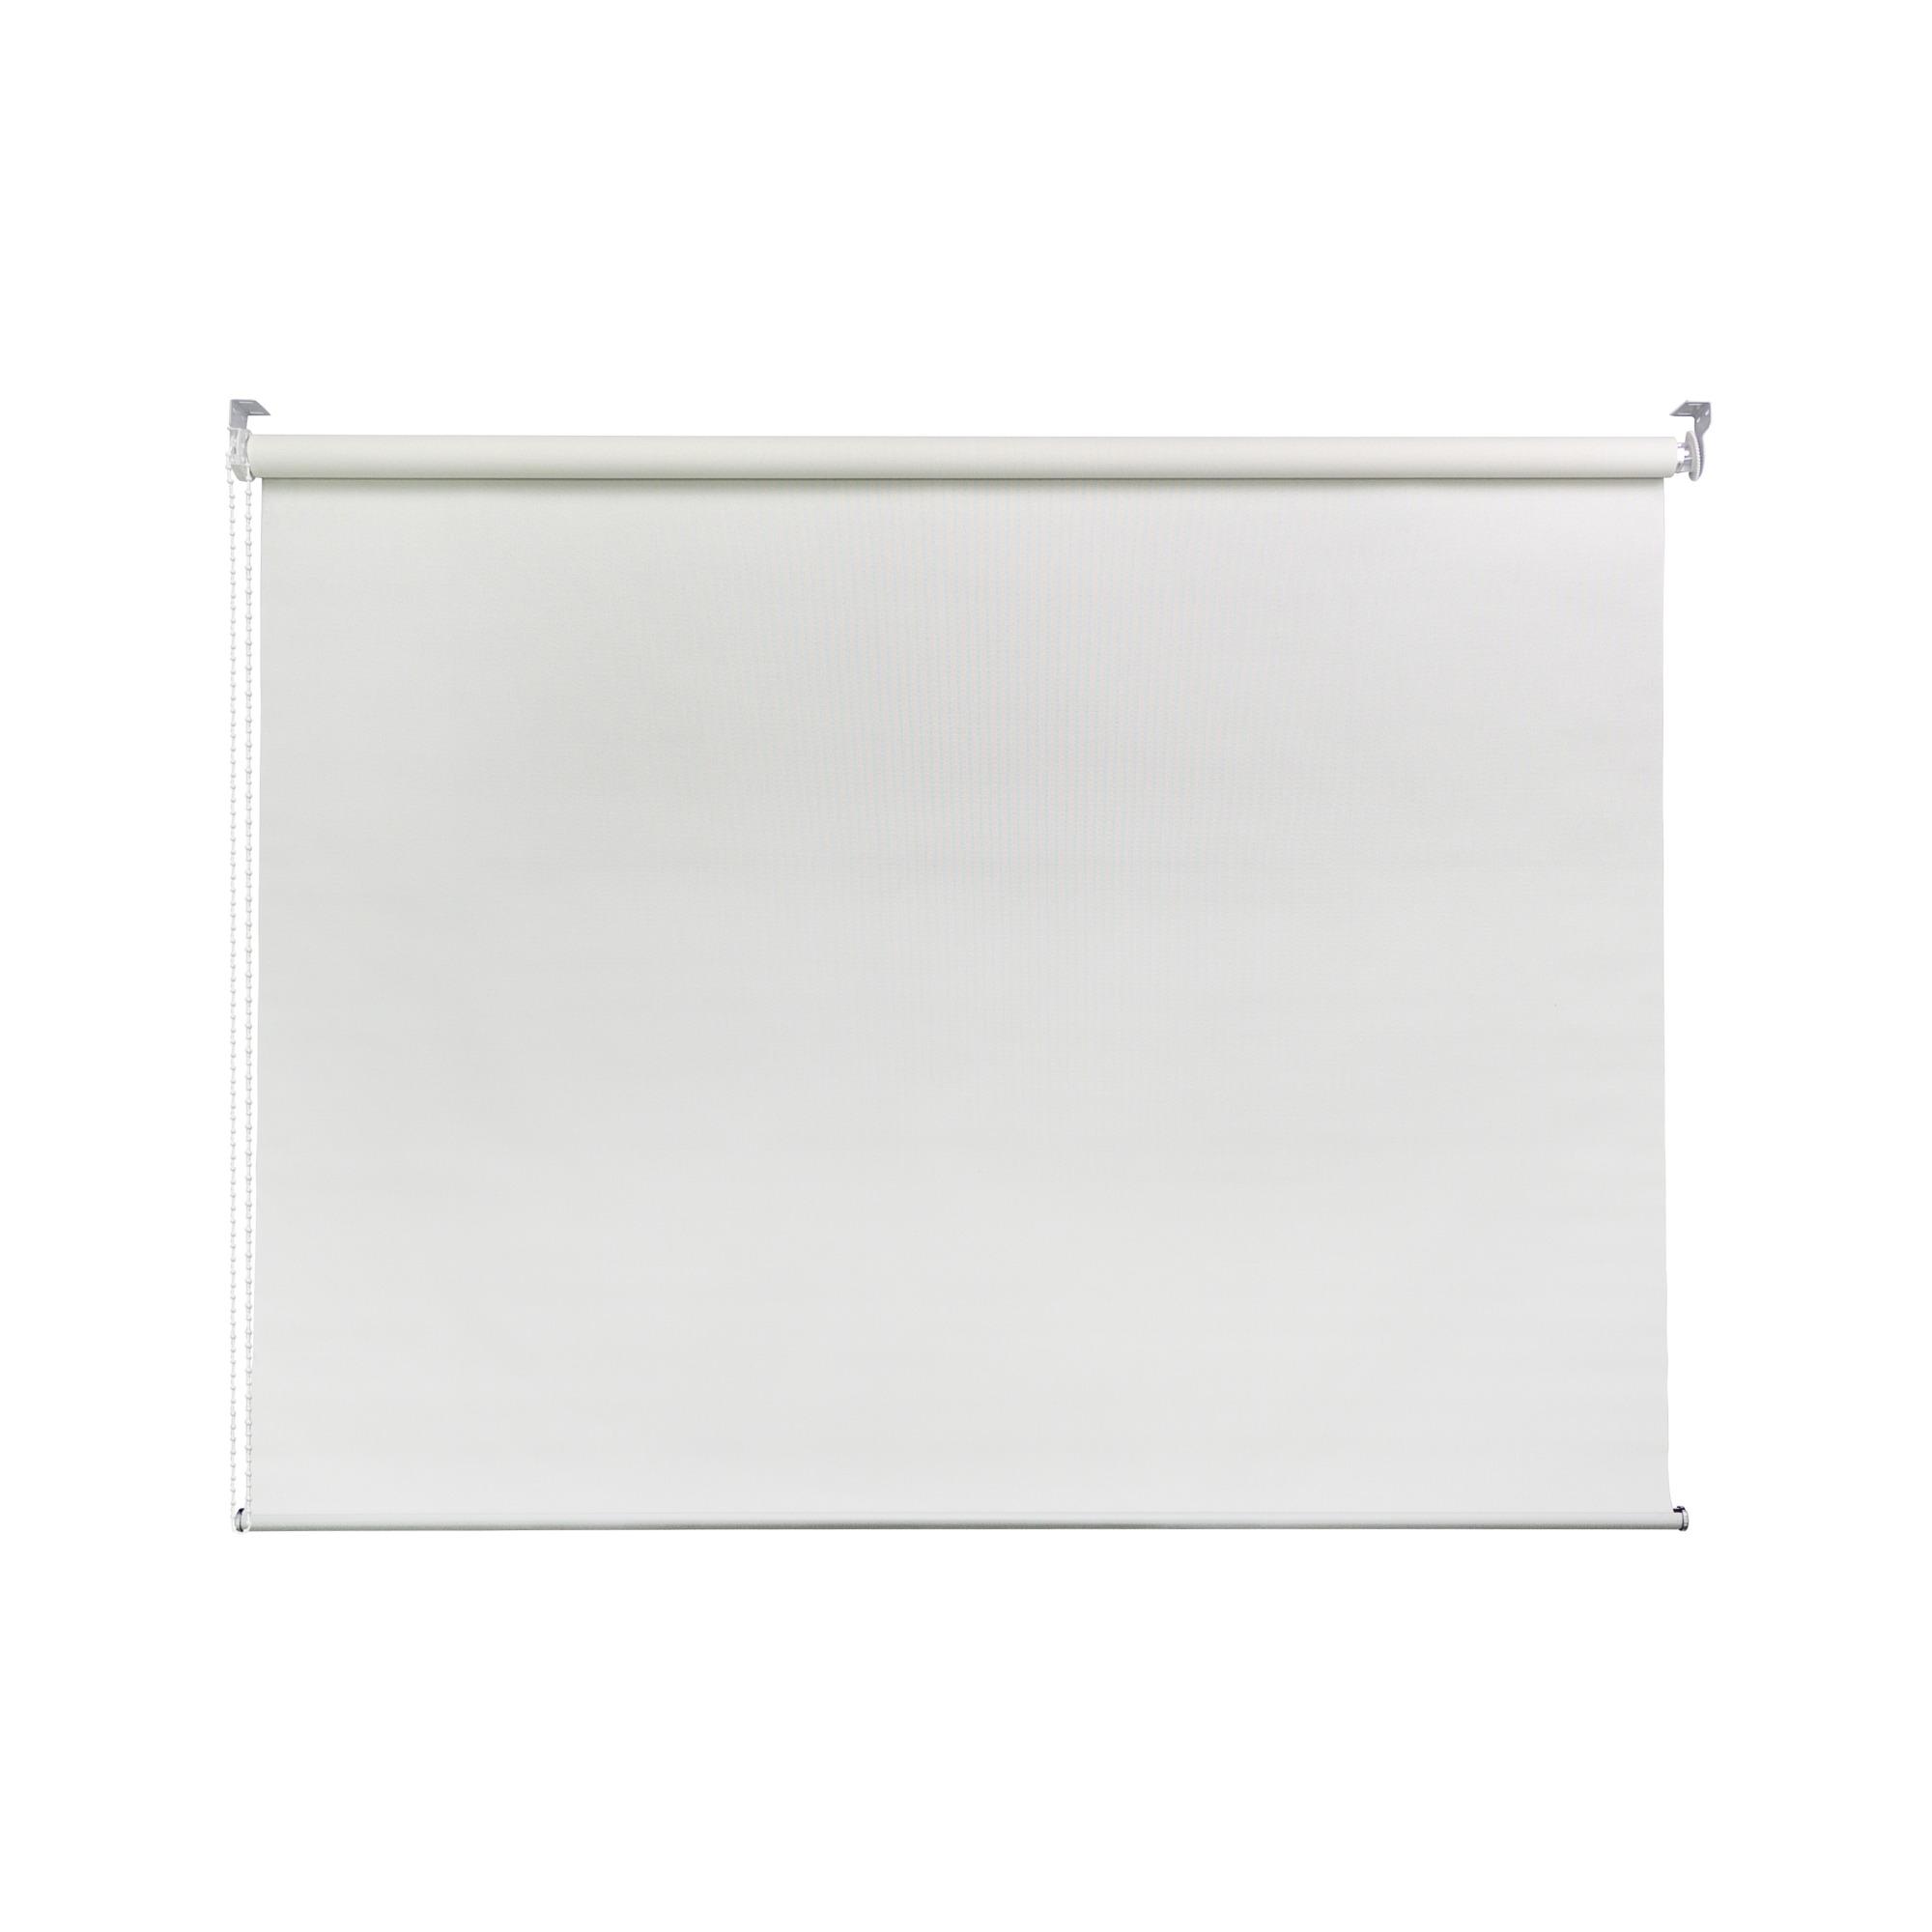 Persiana Rolo Poliester e PVC 160x170 cm Branco 50A01 - Jolie